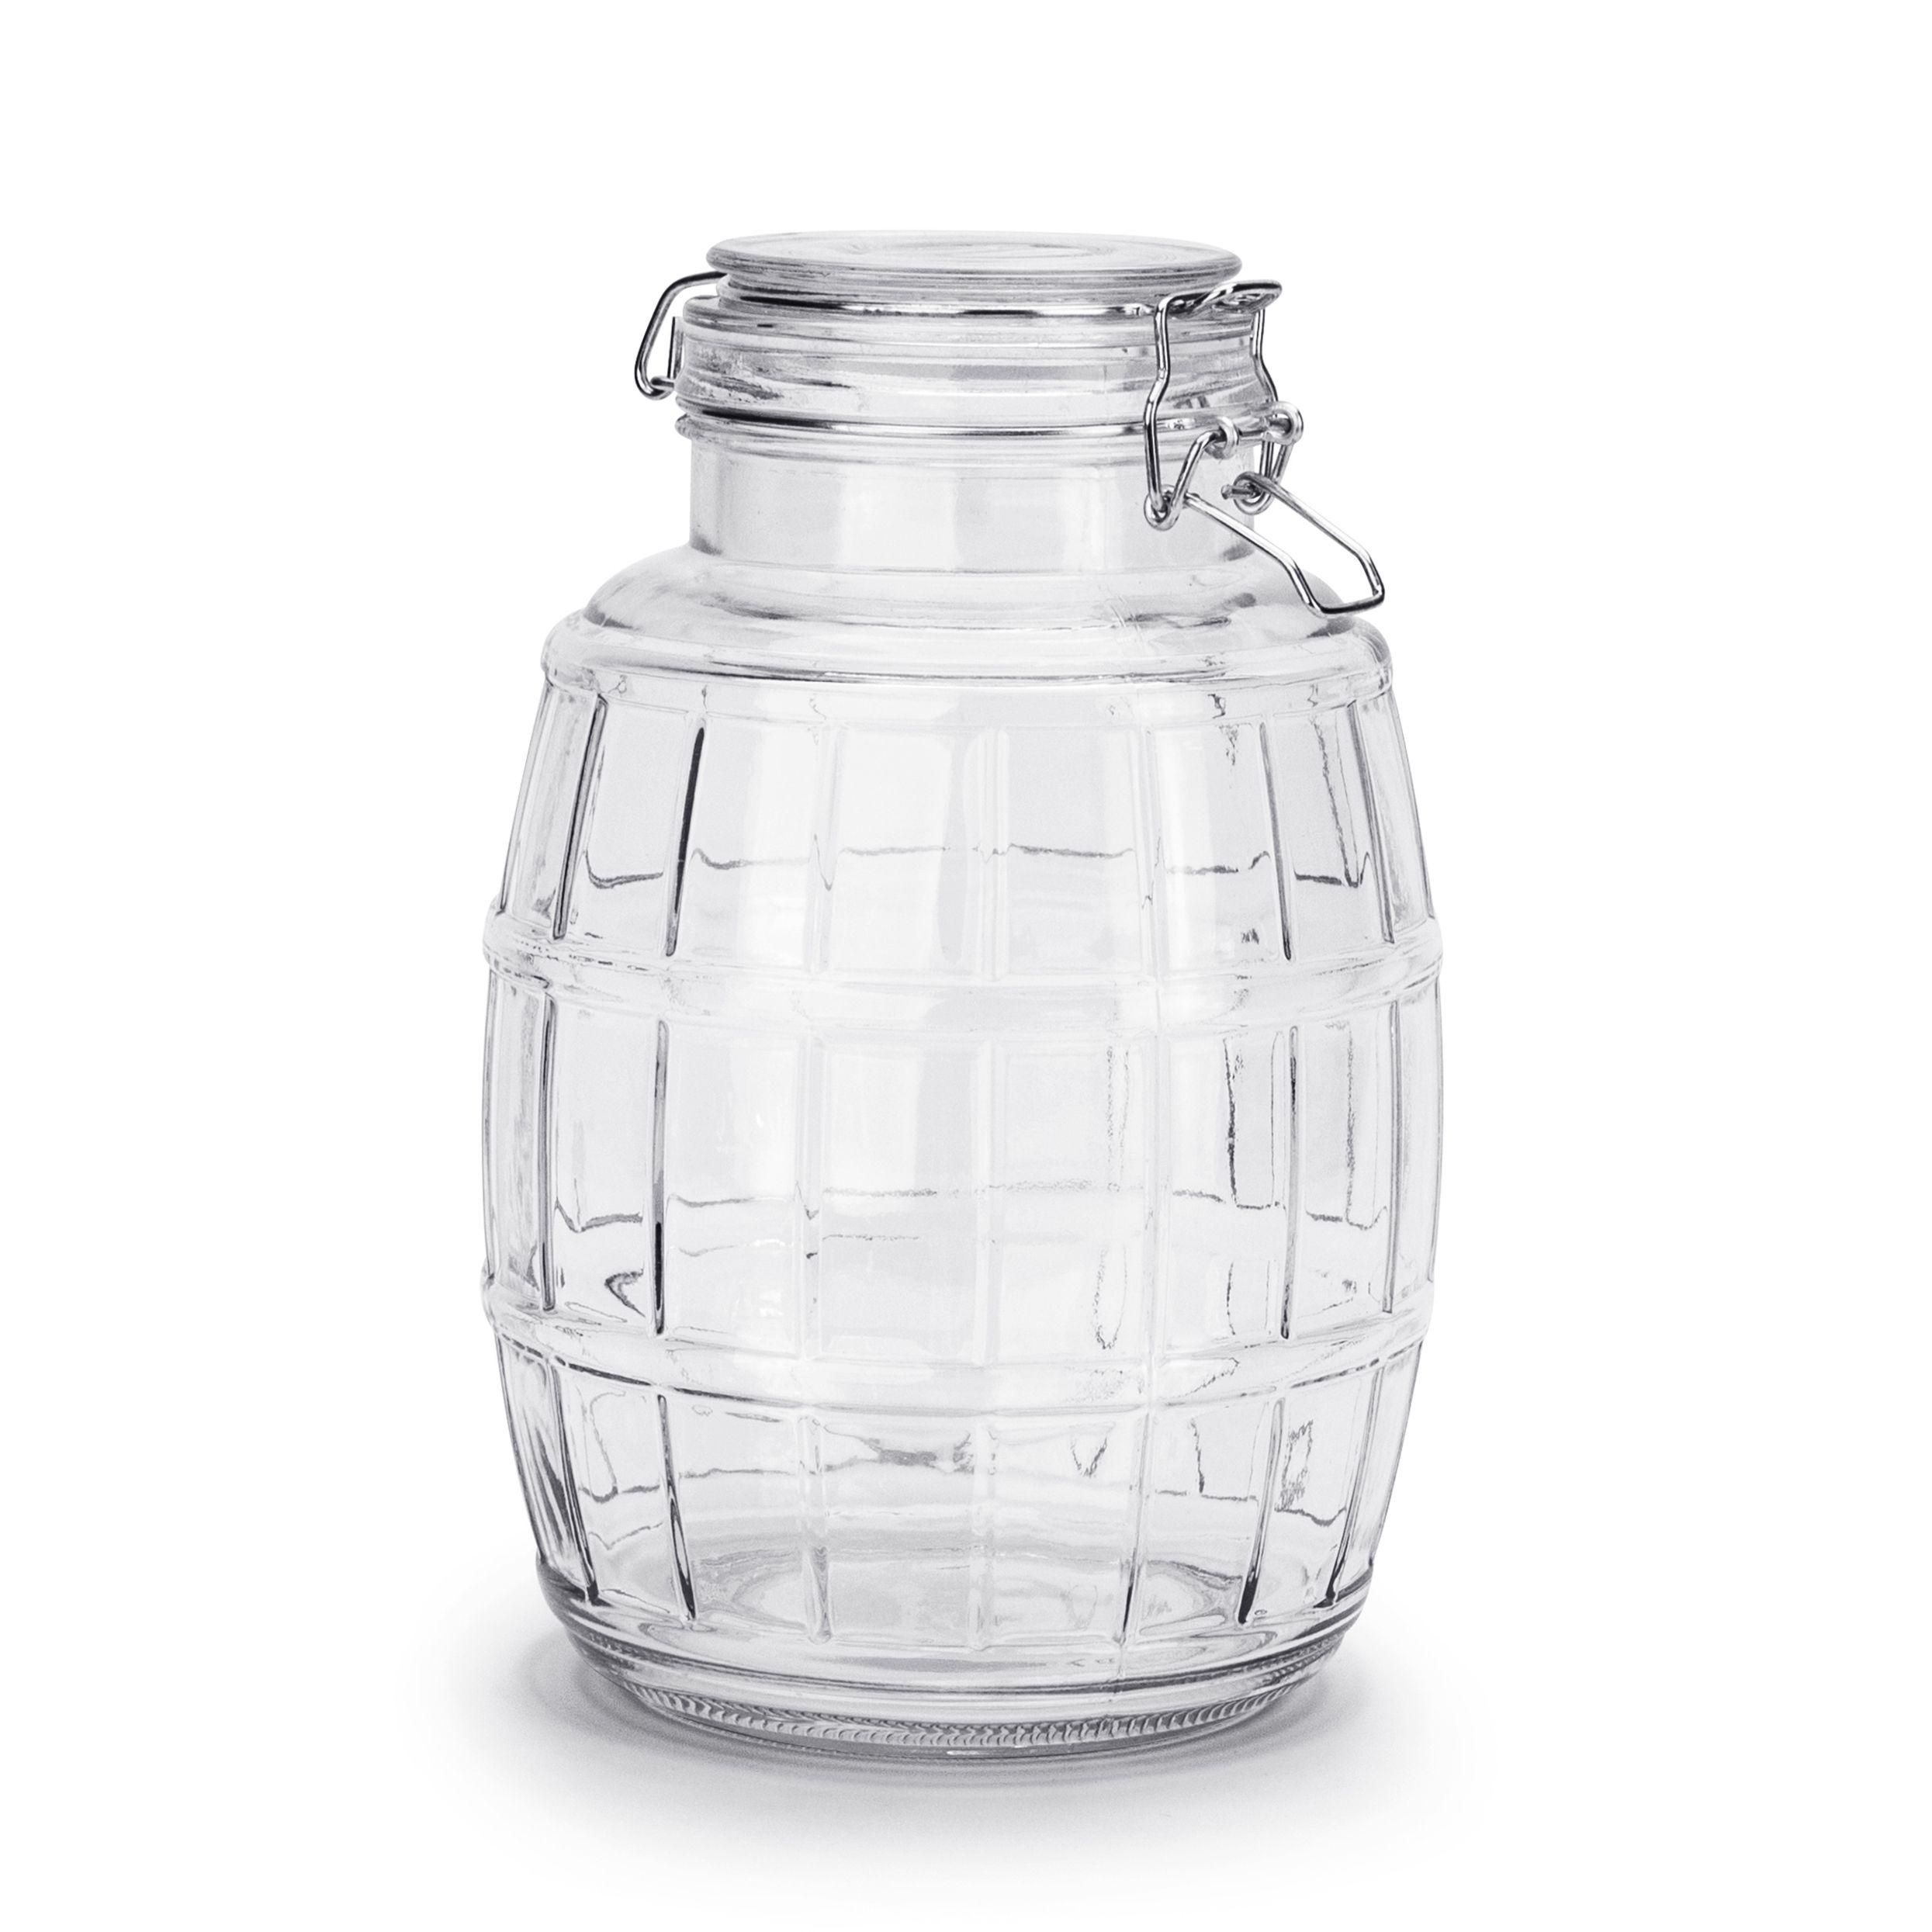 Słoik Ozdobny Dekoracyjny Szklany Do Kuchni 28 L